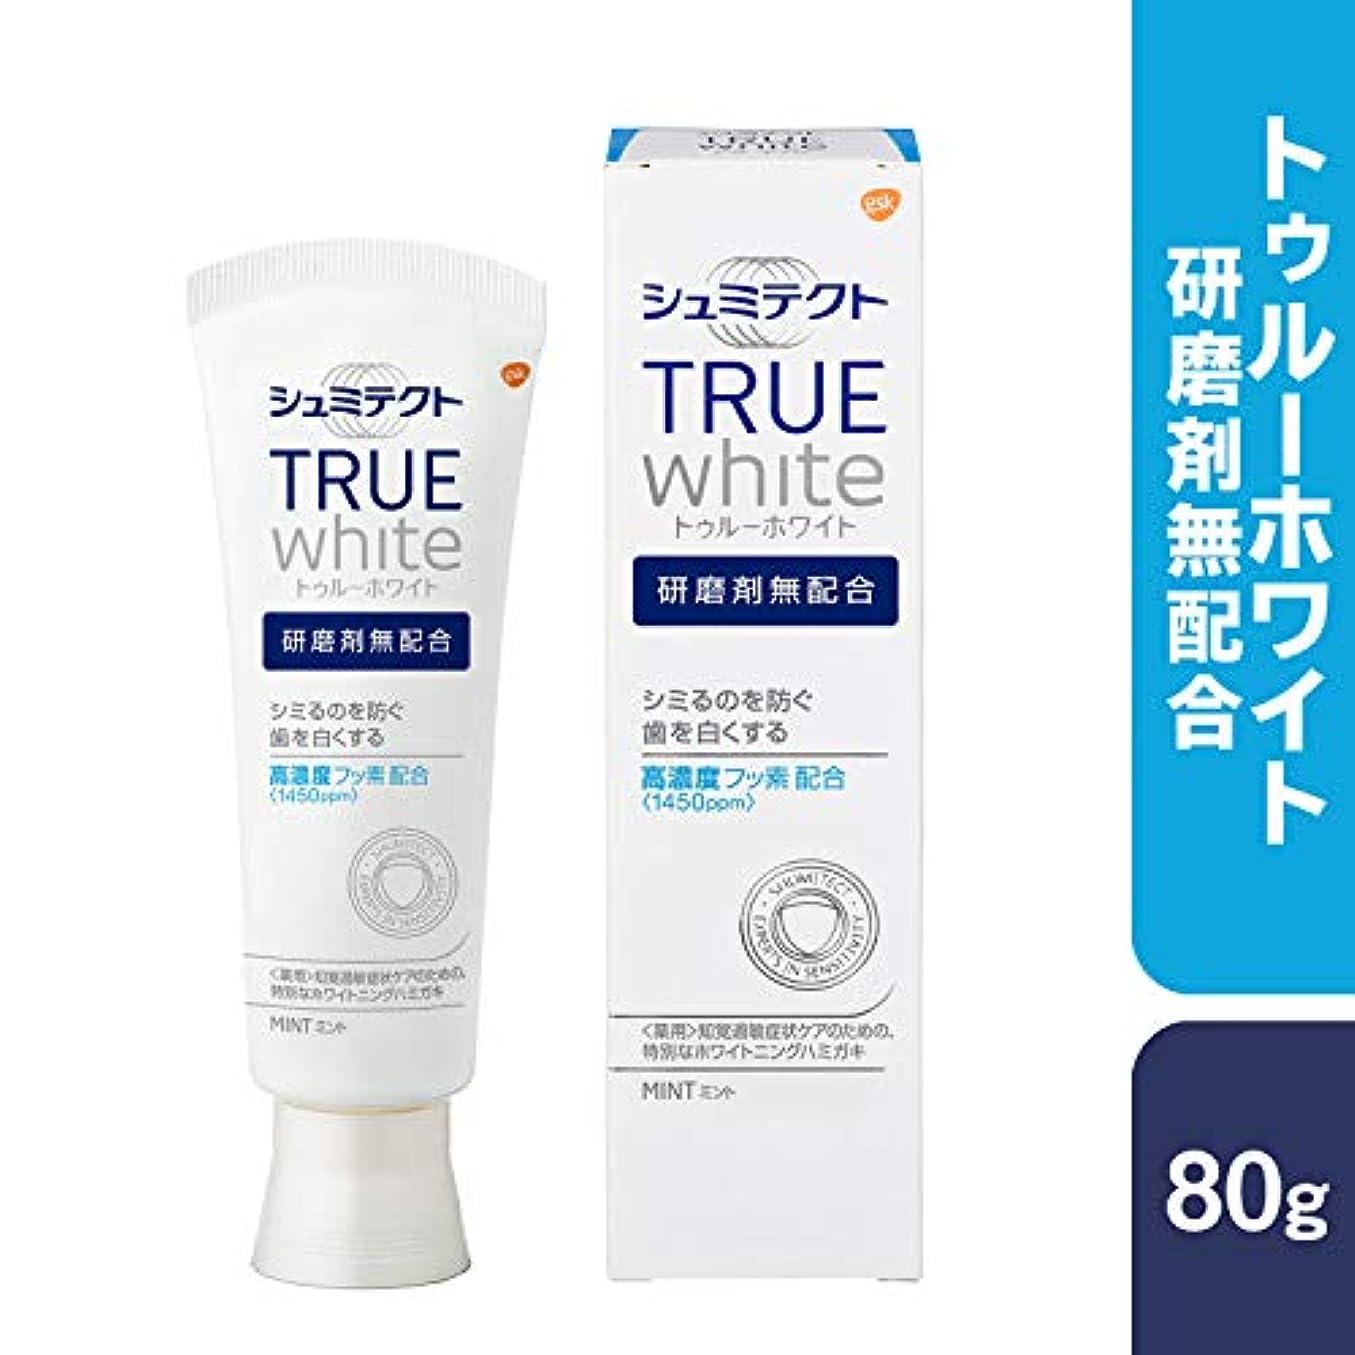 [医薬部外品]薬用シュミテクト トゥルーホワイト 研磨剤無配合 高濃度フッ素配合 <1450ppm> 知覚過敏予防 歯磨き粉 80g